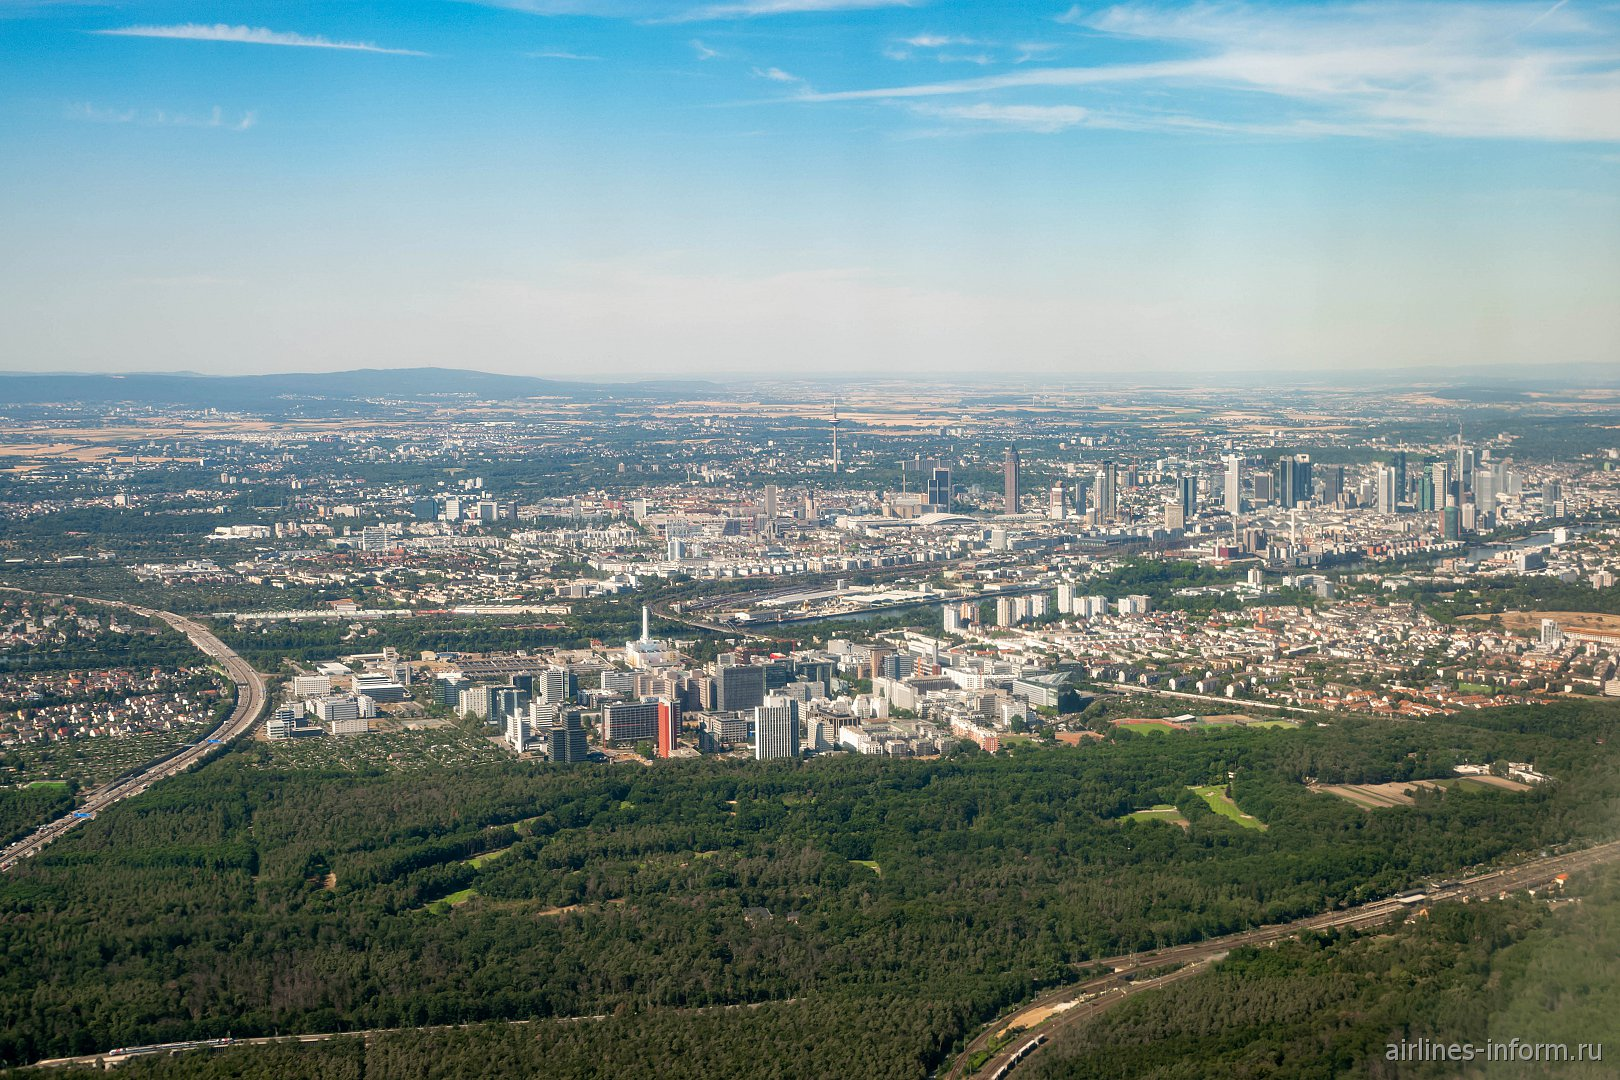 Вид из самолета на город Франкфурт-на-Майне и окрестности